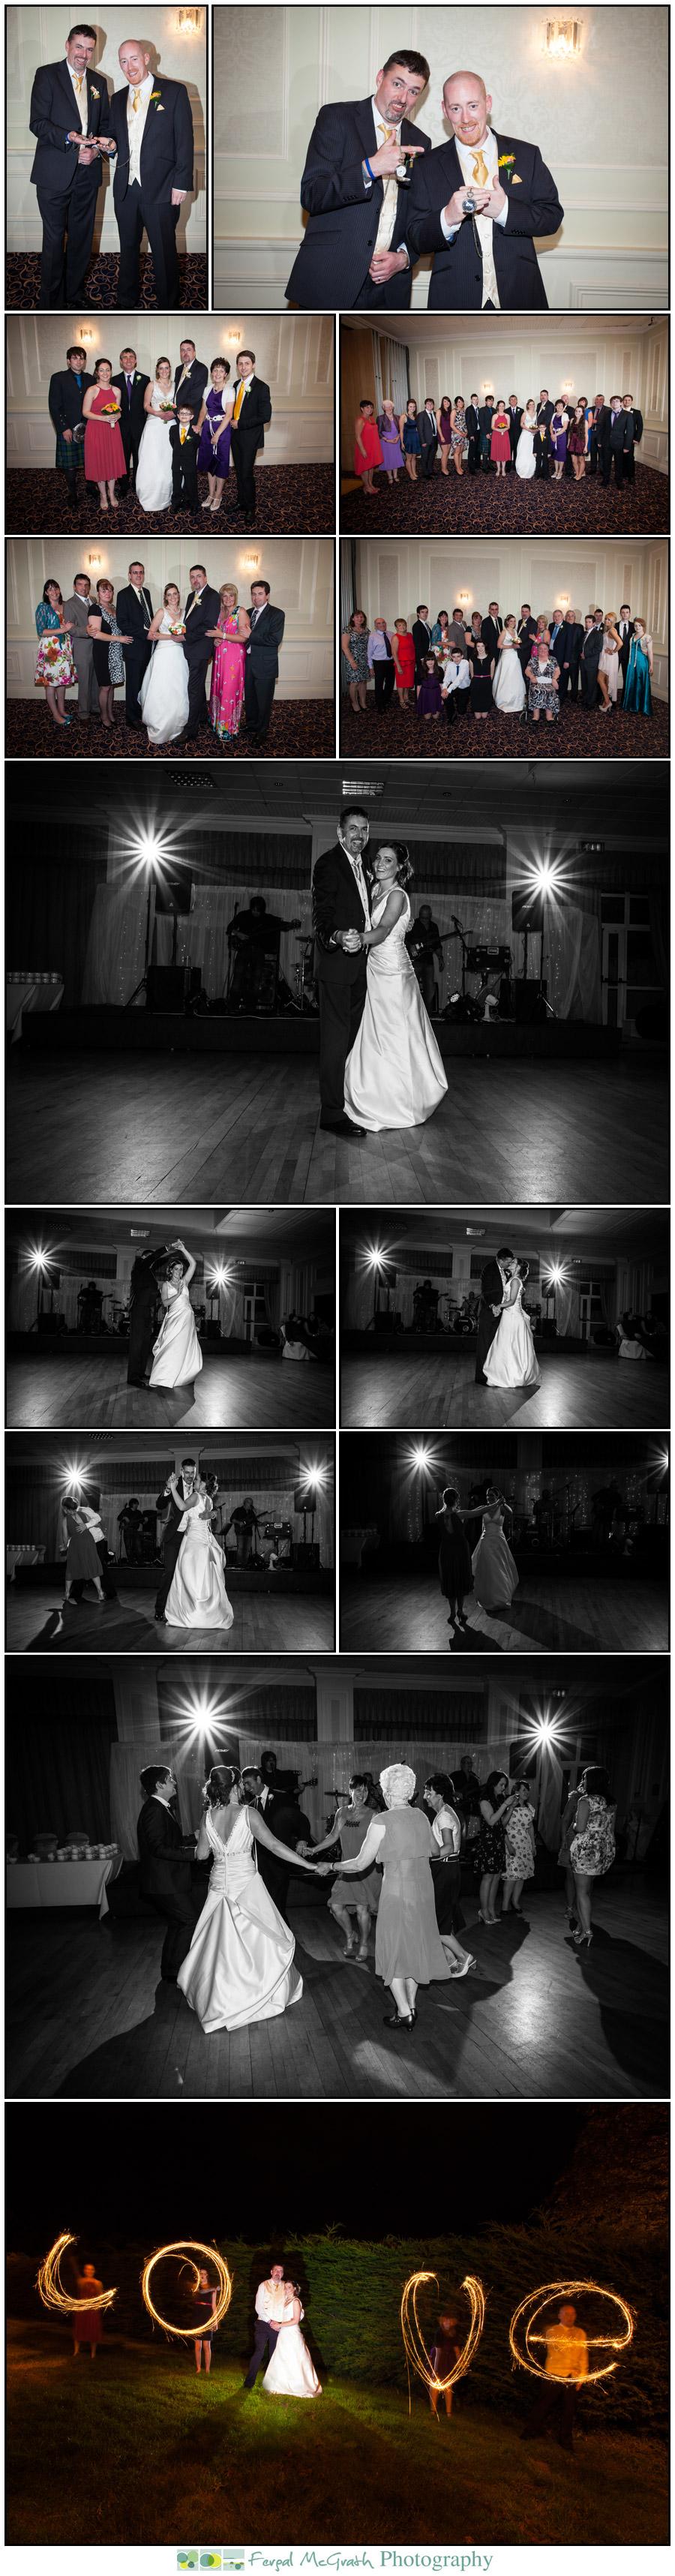 sarah and david moon wedding photos 11